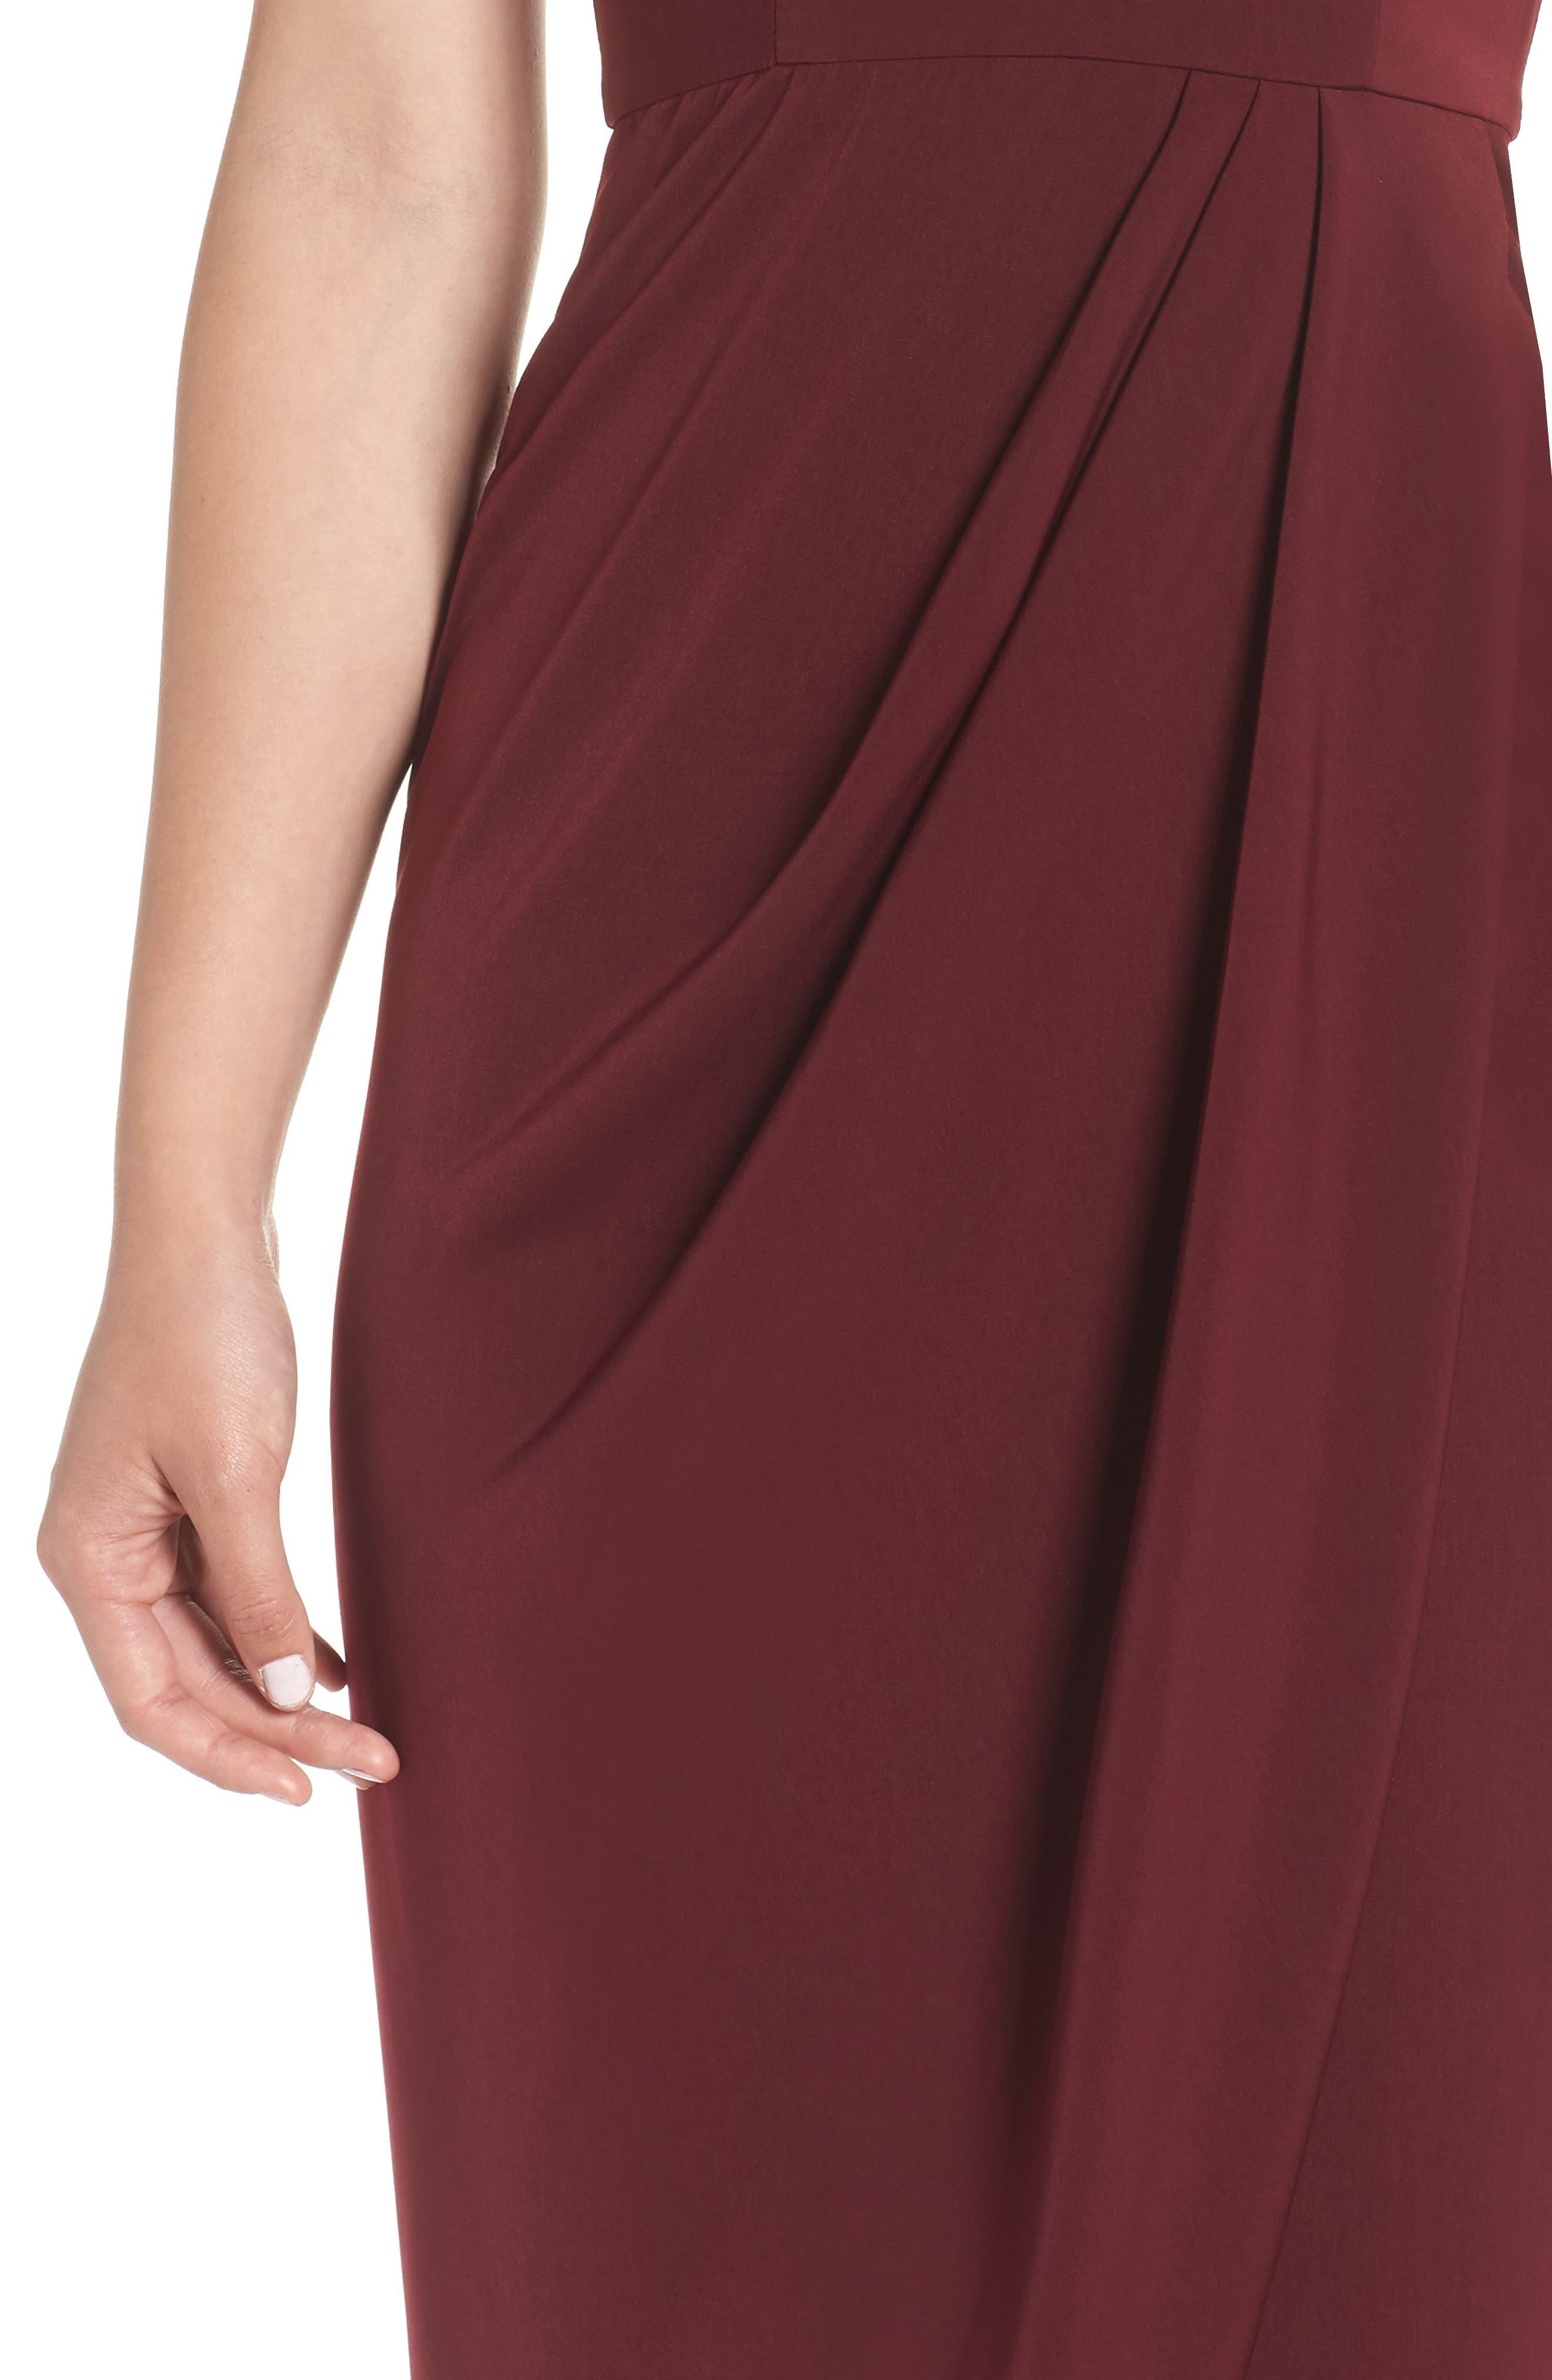 SHONA JOY,                             Tulip Hem Maxi Dress,                             Alternate thumbnail 4, color,                             BURGUNDY